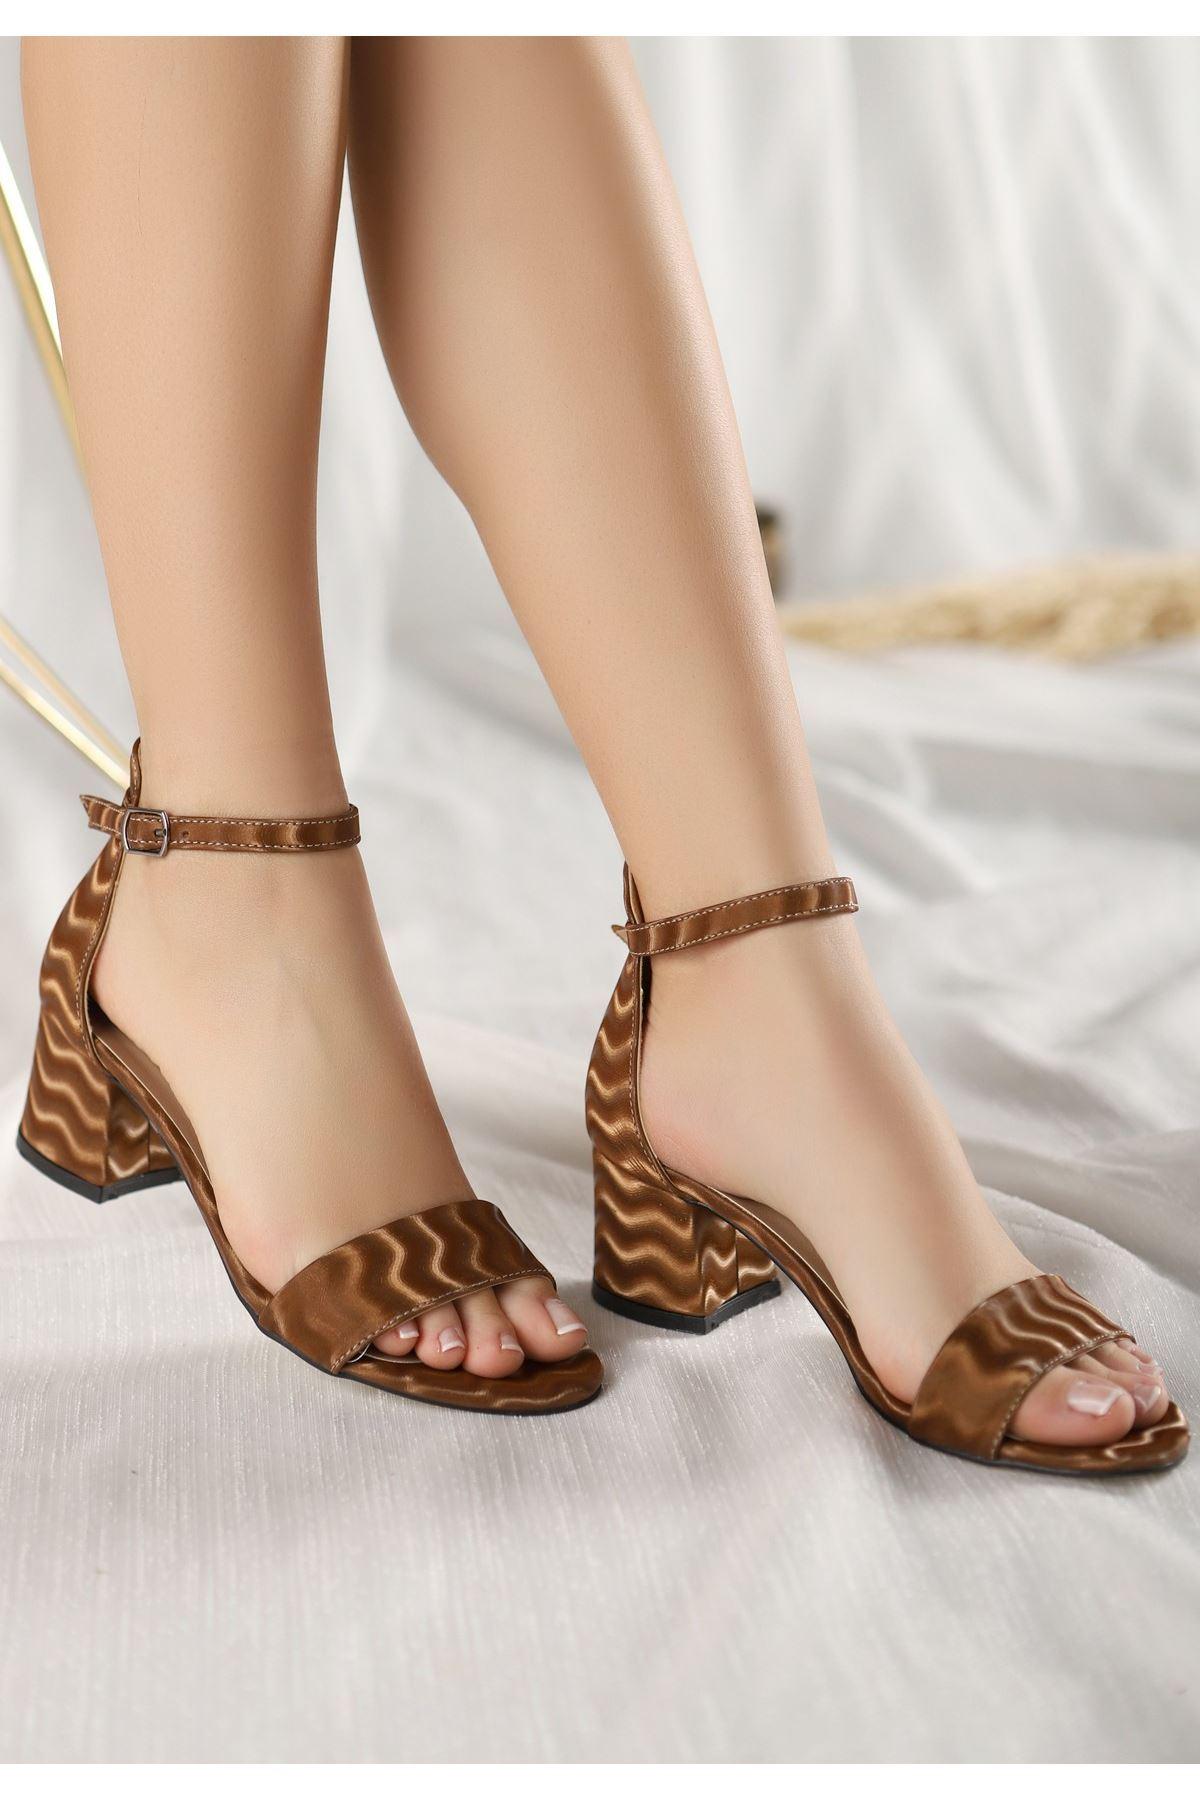 Epon Kahverengi Süet Desenli Tek Bant Topuklu Ayakkabı